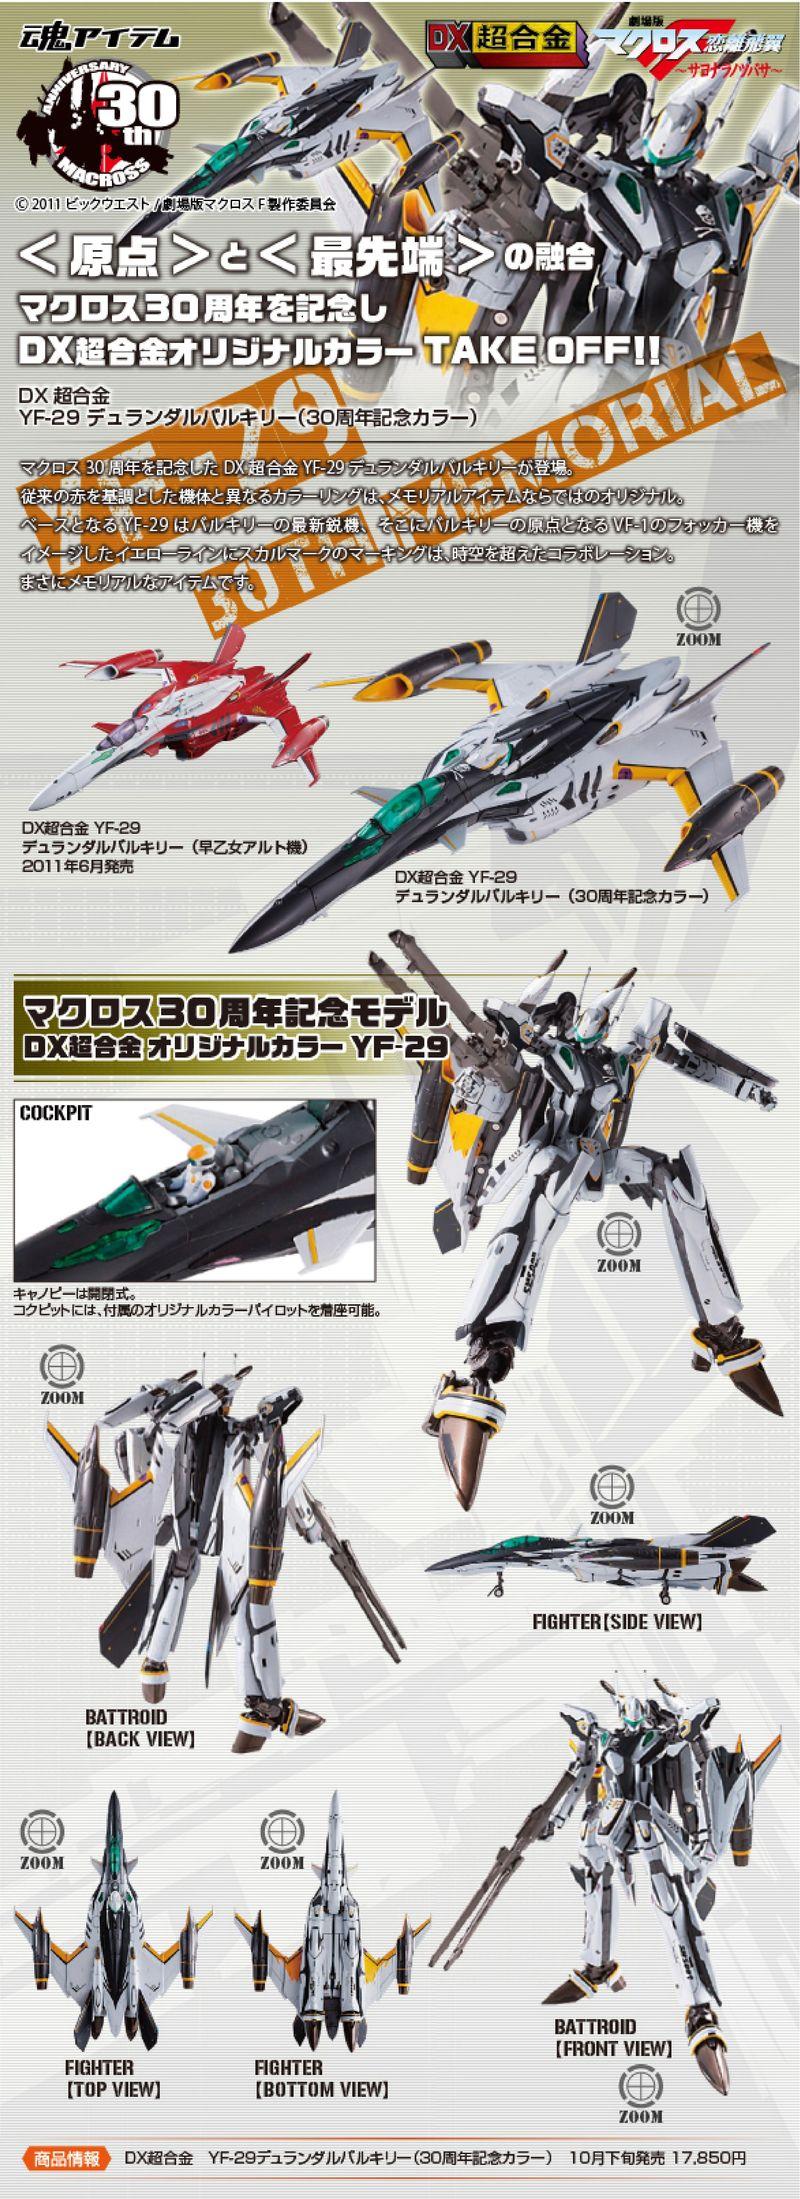 [Tamashii Nation]DX Chogokin - Macross Frontier, Macross 30 - Page 2 AaoD4ftY